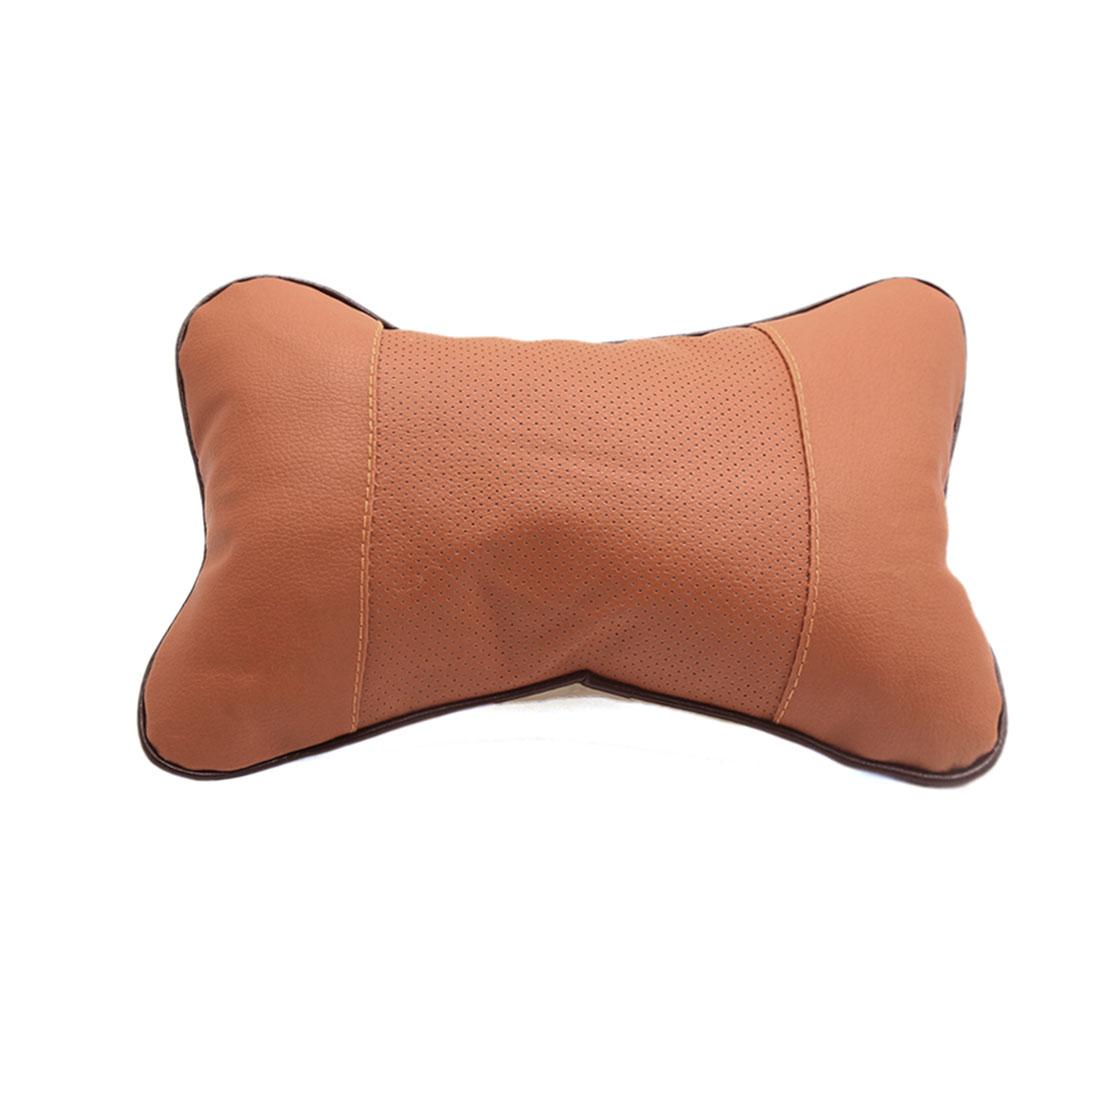 Brown Faux Leather Bone Shape Car Seat Headrest Pillow Neck Rest Cushion